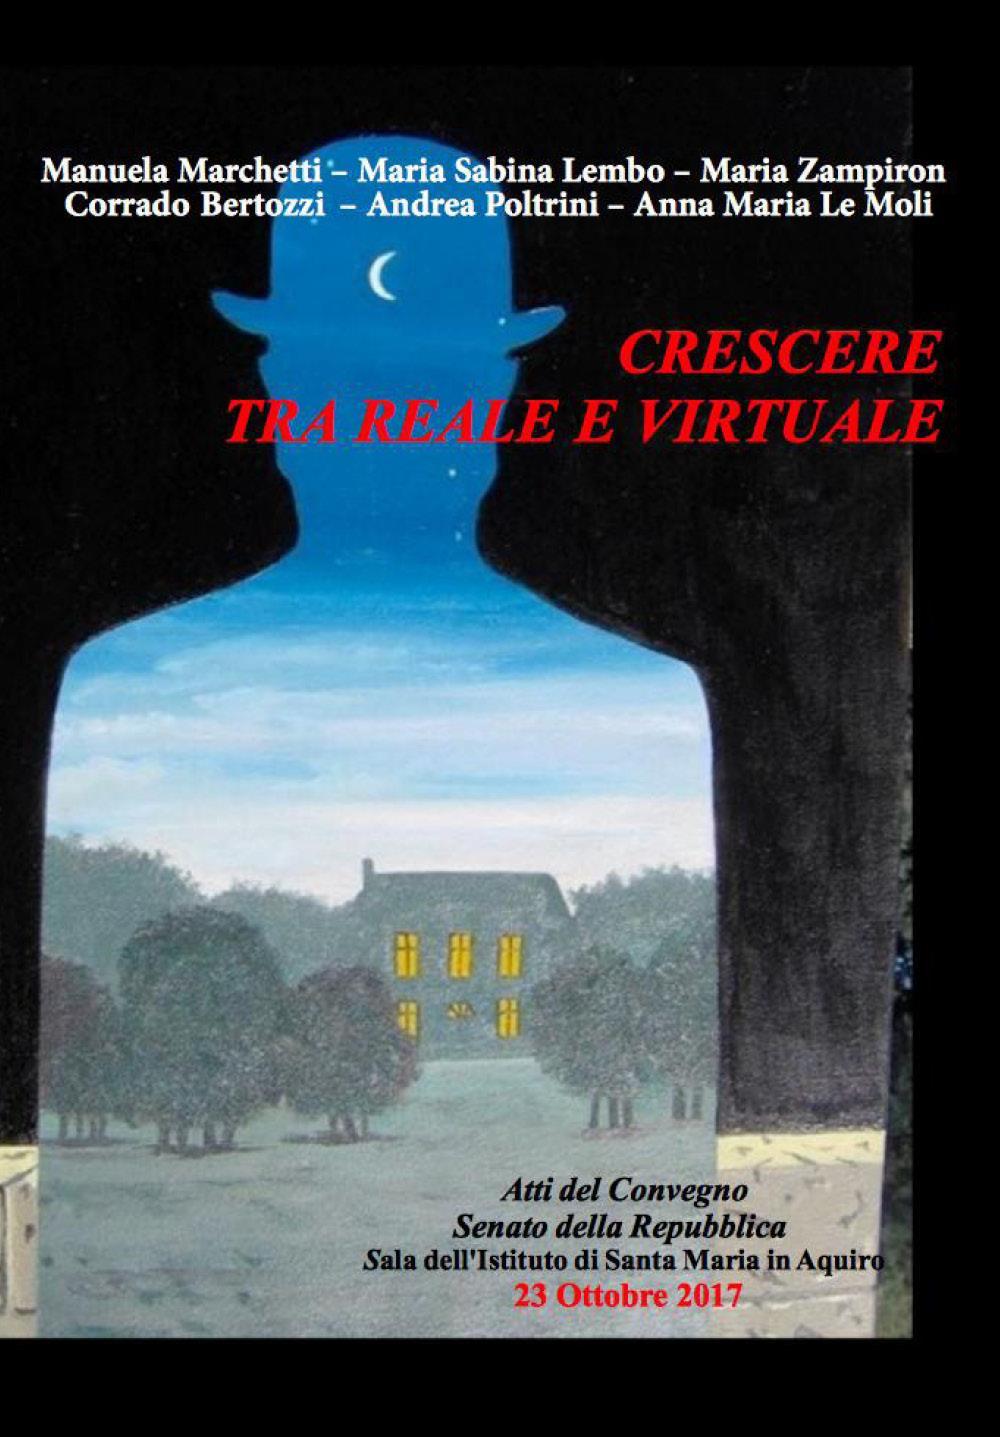 Crescere tra il reale e il virtuale